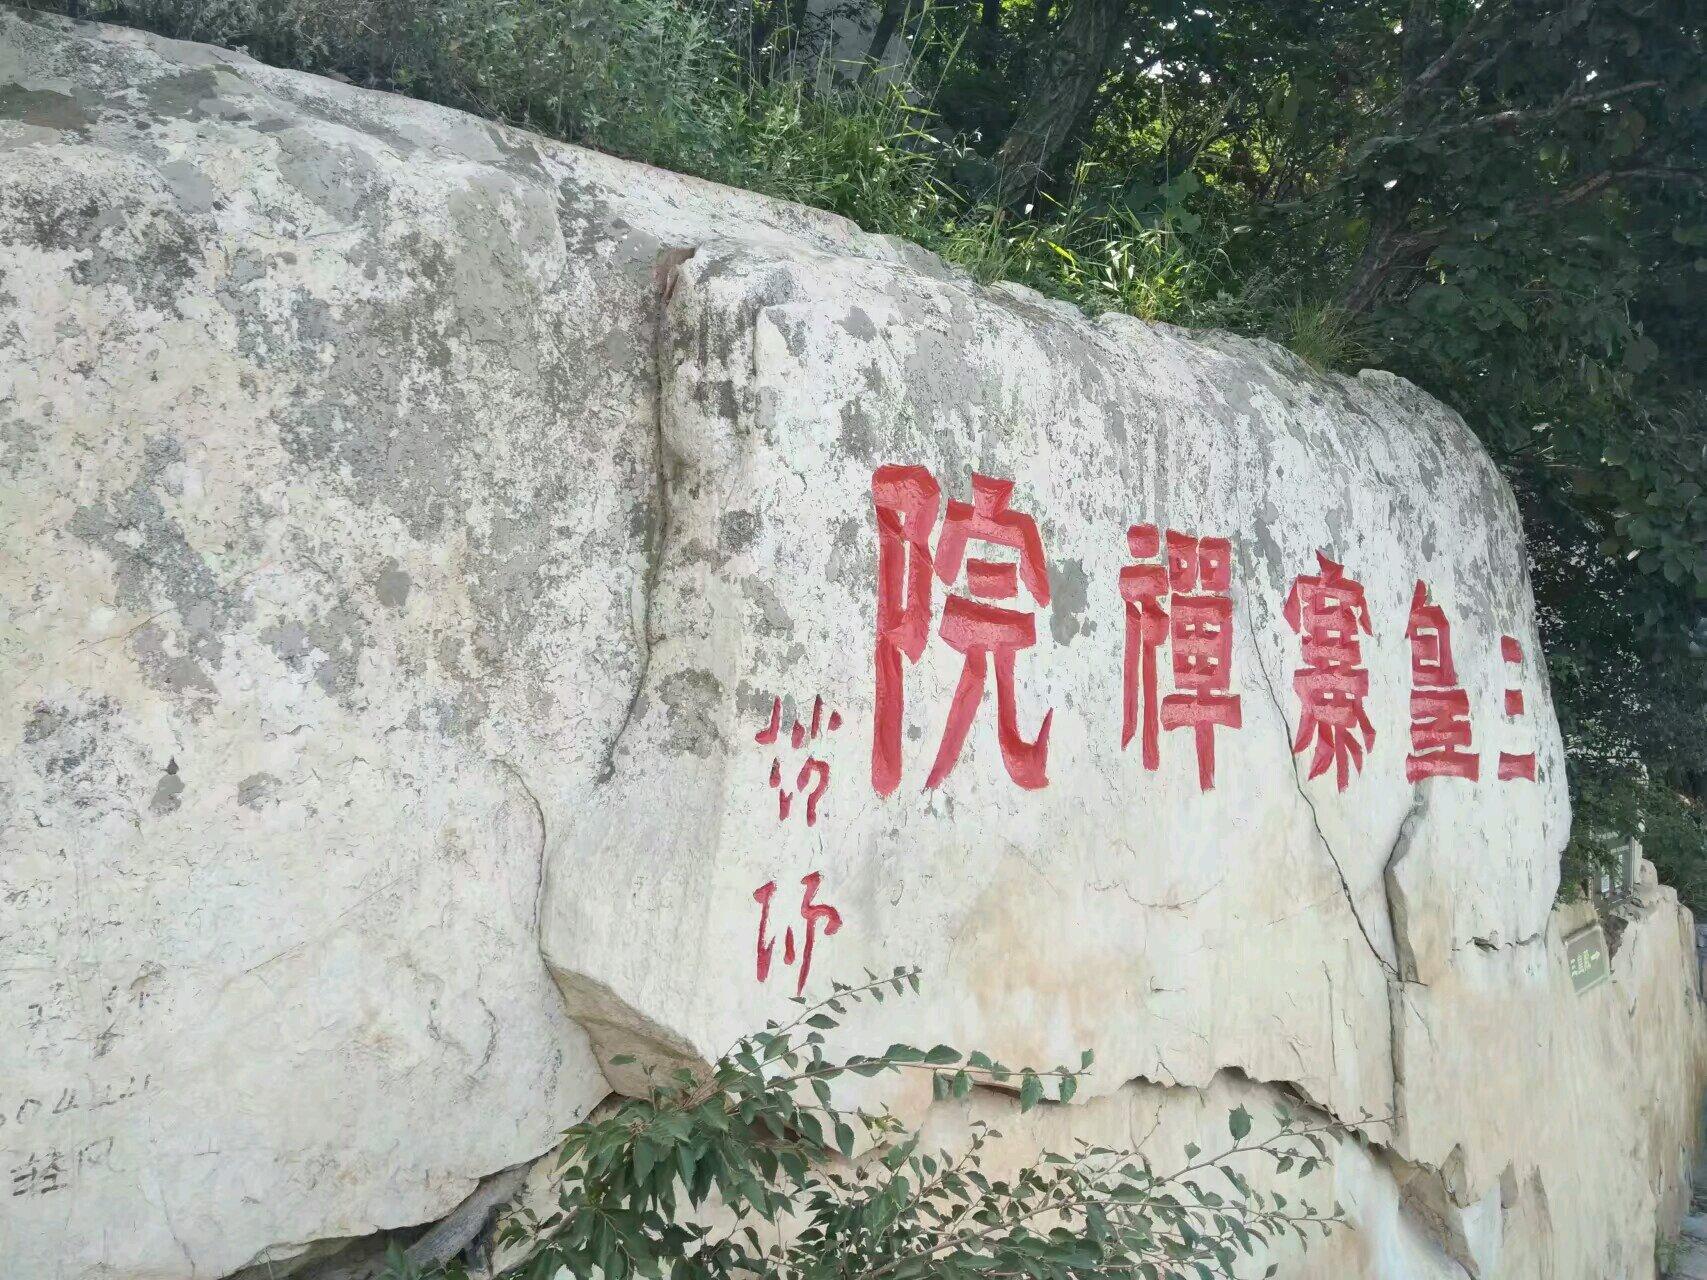 攻略寨,v攻略三皇,自助游,自驾游,自由行,游玩攻吃上海攻略逛图片